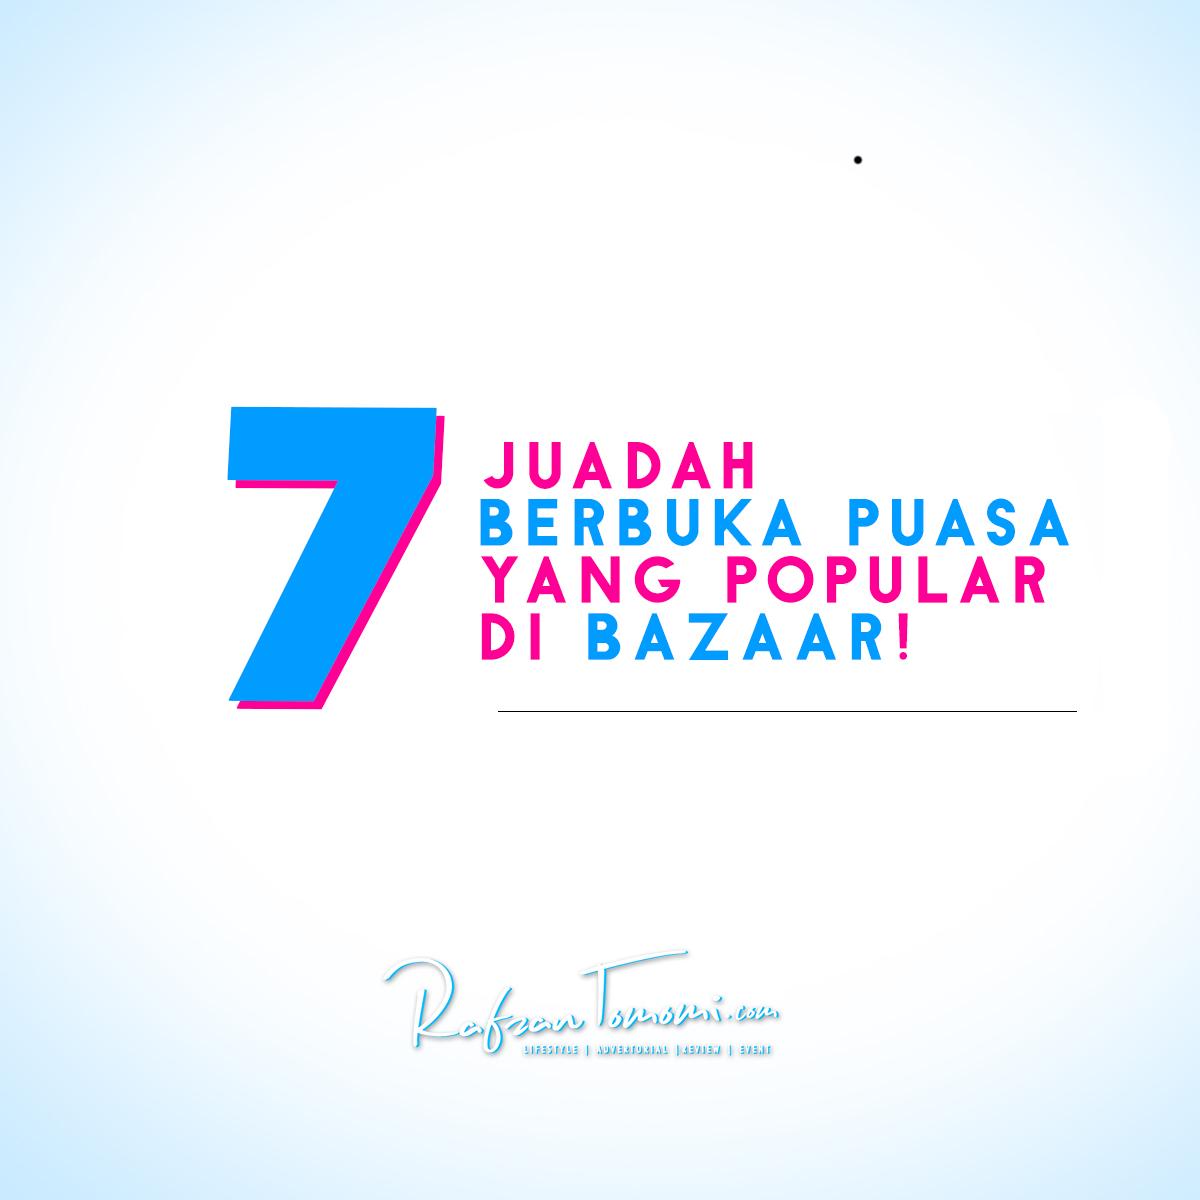 7 Juadah Berbuka Puasa Yang Popular Di Bazaar!